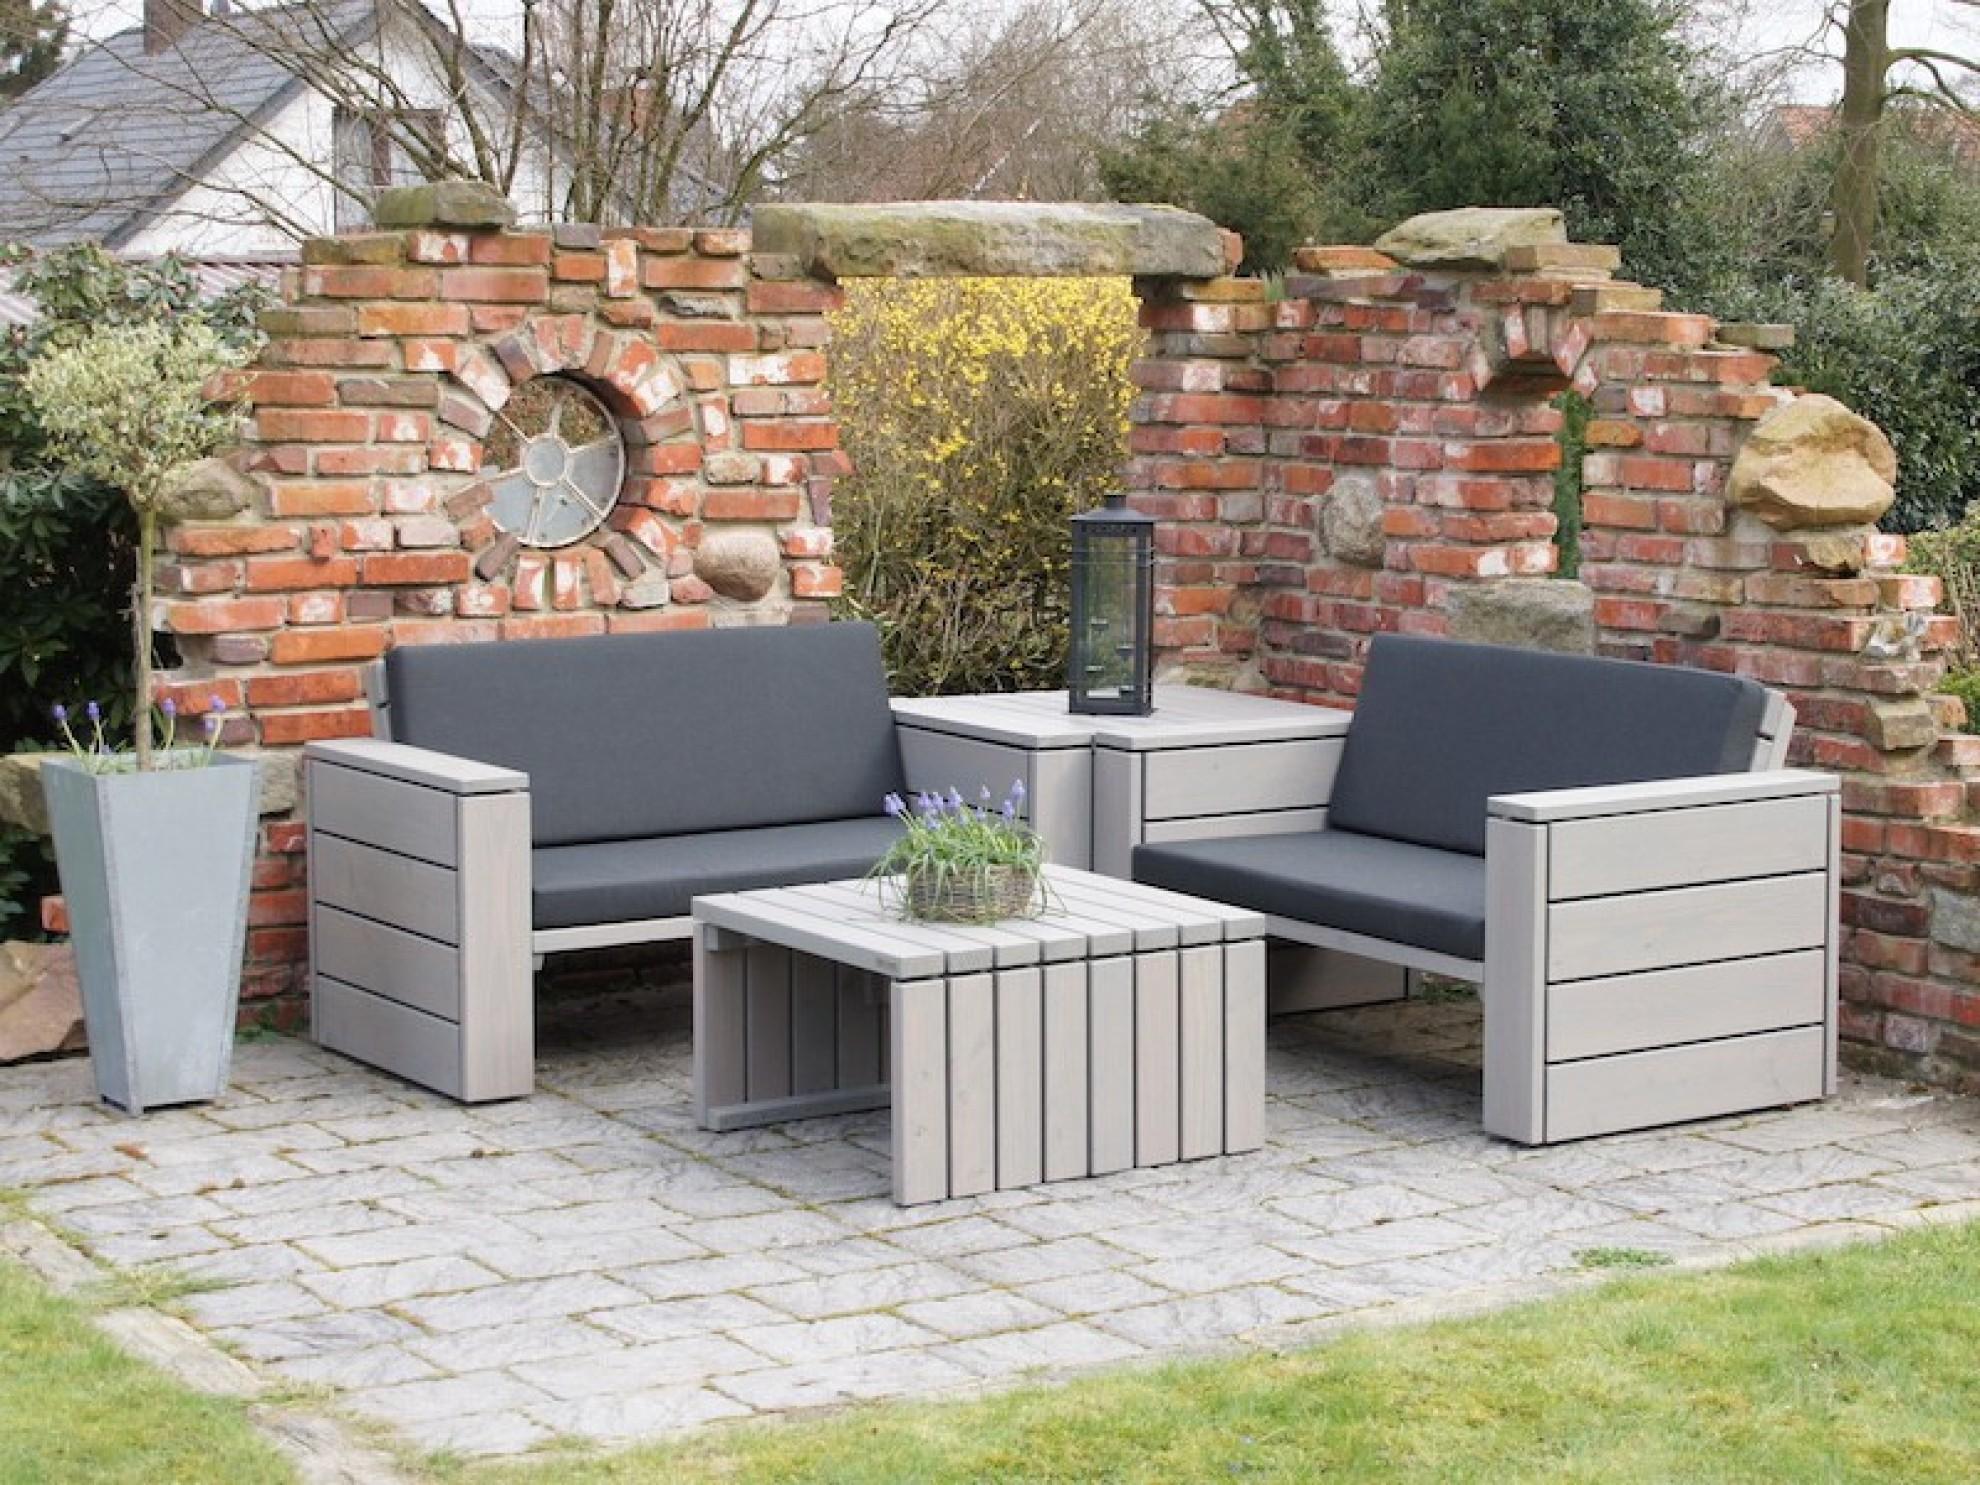 Loungemöbel holz  Loungemöbel Set 8 - Zeitlose Lounge Ecke aus heimischem Holz